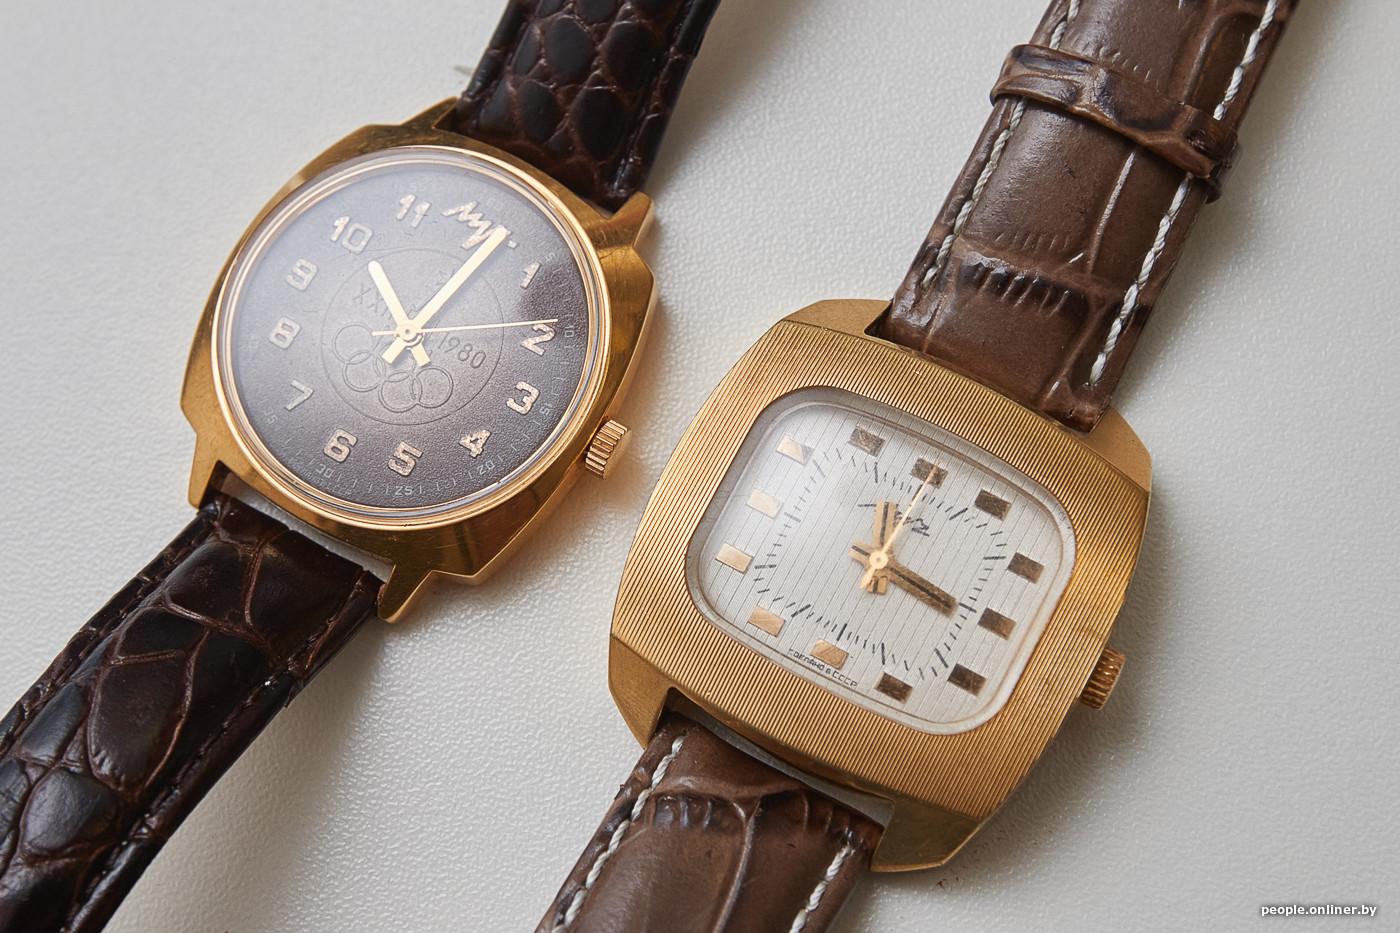 Купить каталог советских часов купить часы q90 в екатеринбурге